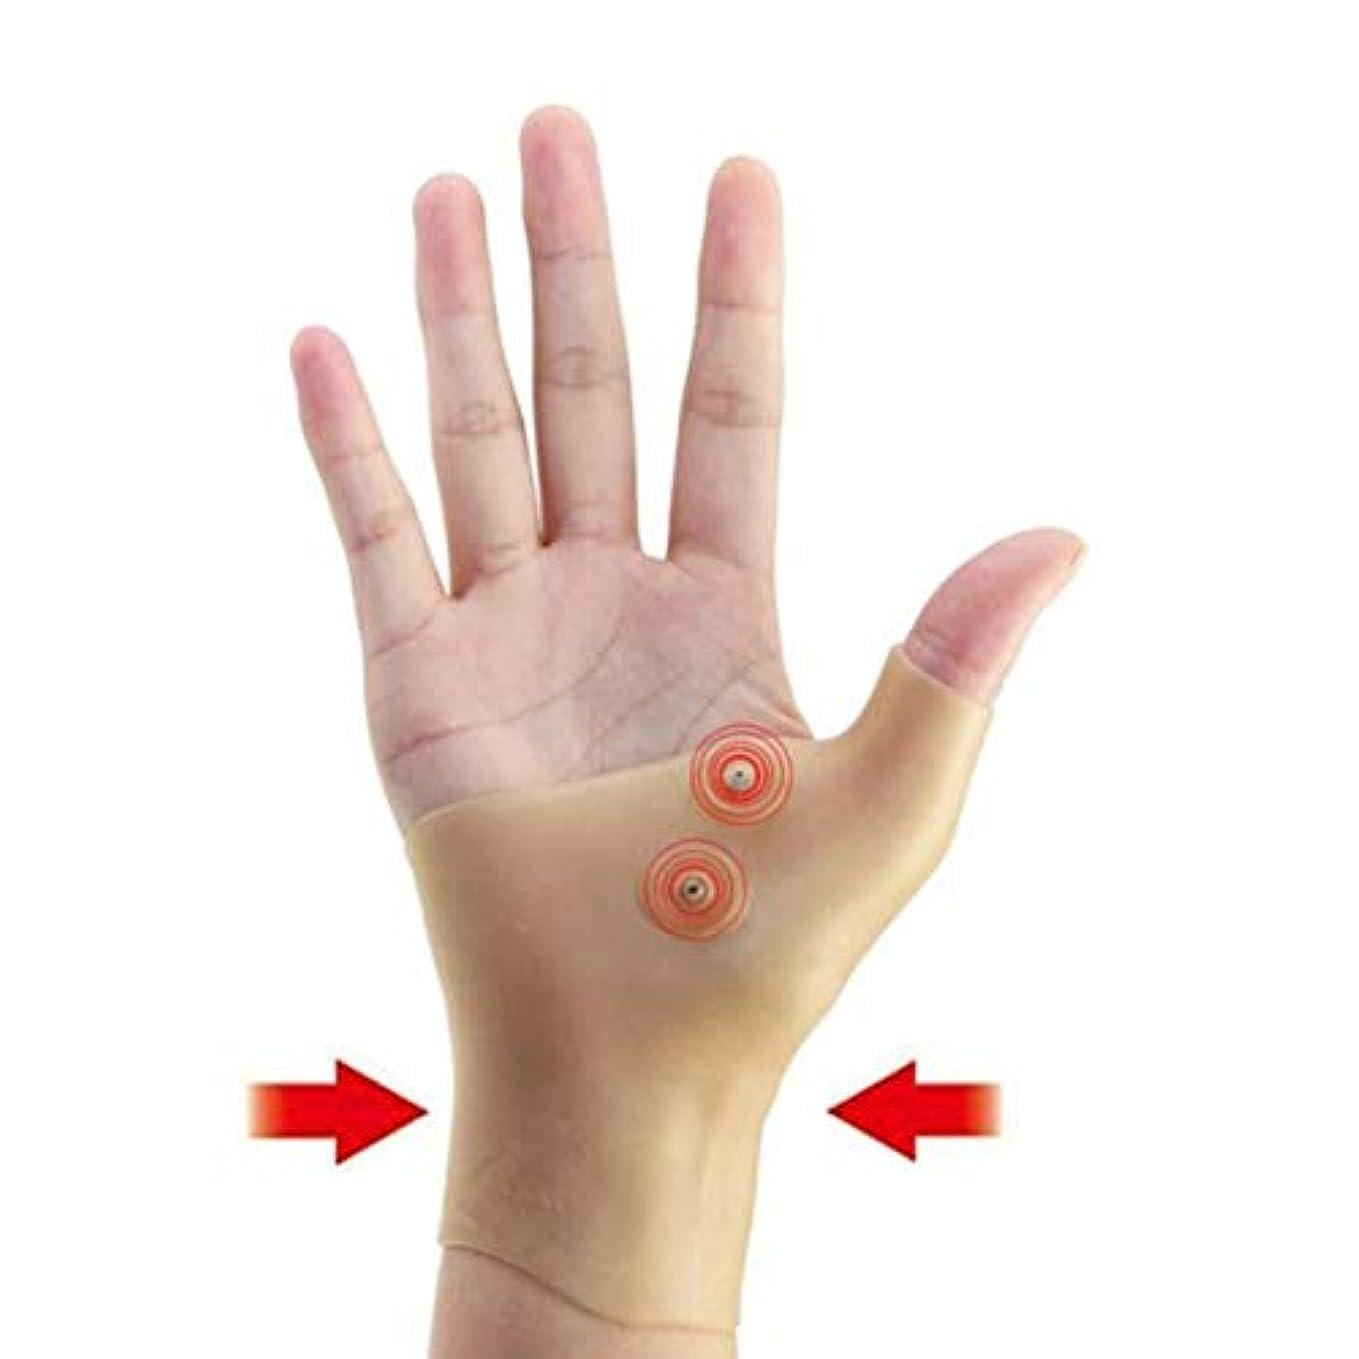 ずらす実際にリース磁気療法手首手親指サポート手袋シリコーンゲル関節炎圧力矯正器マッサージ痛み緩和手袋 - 肌の色